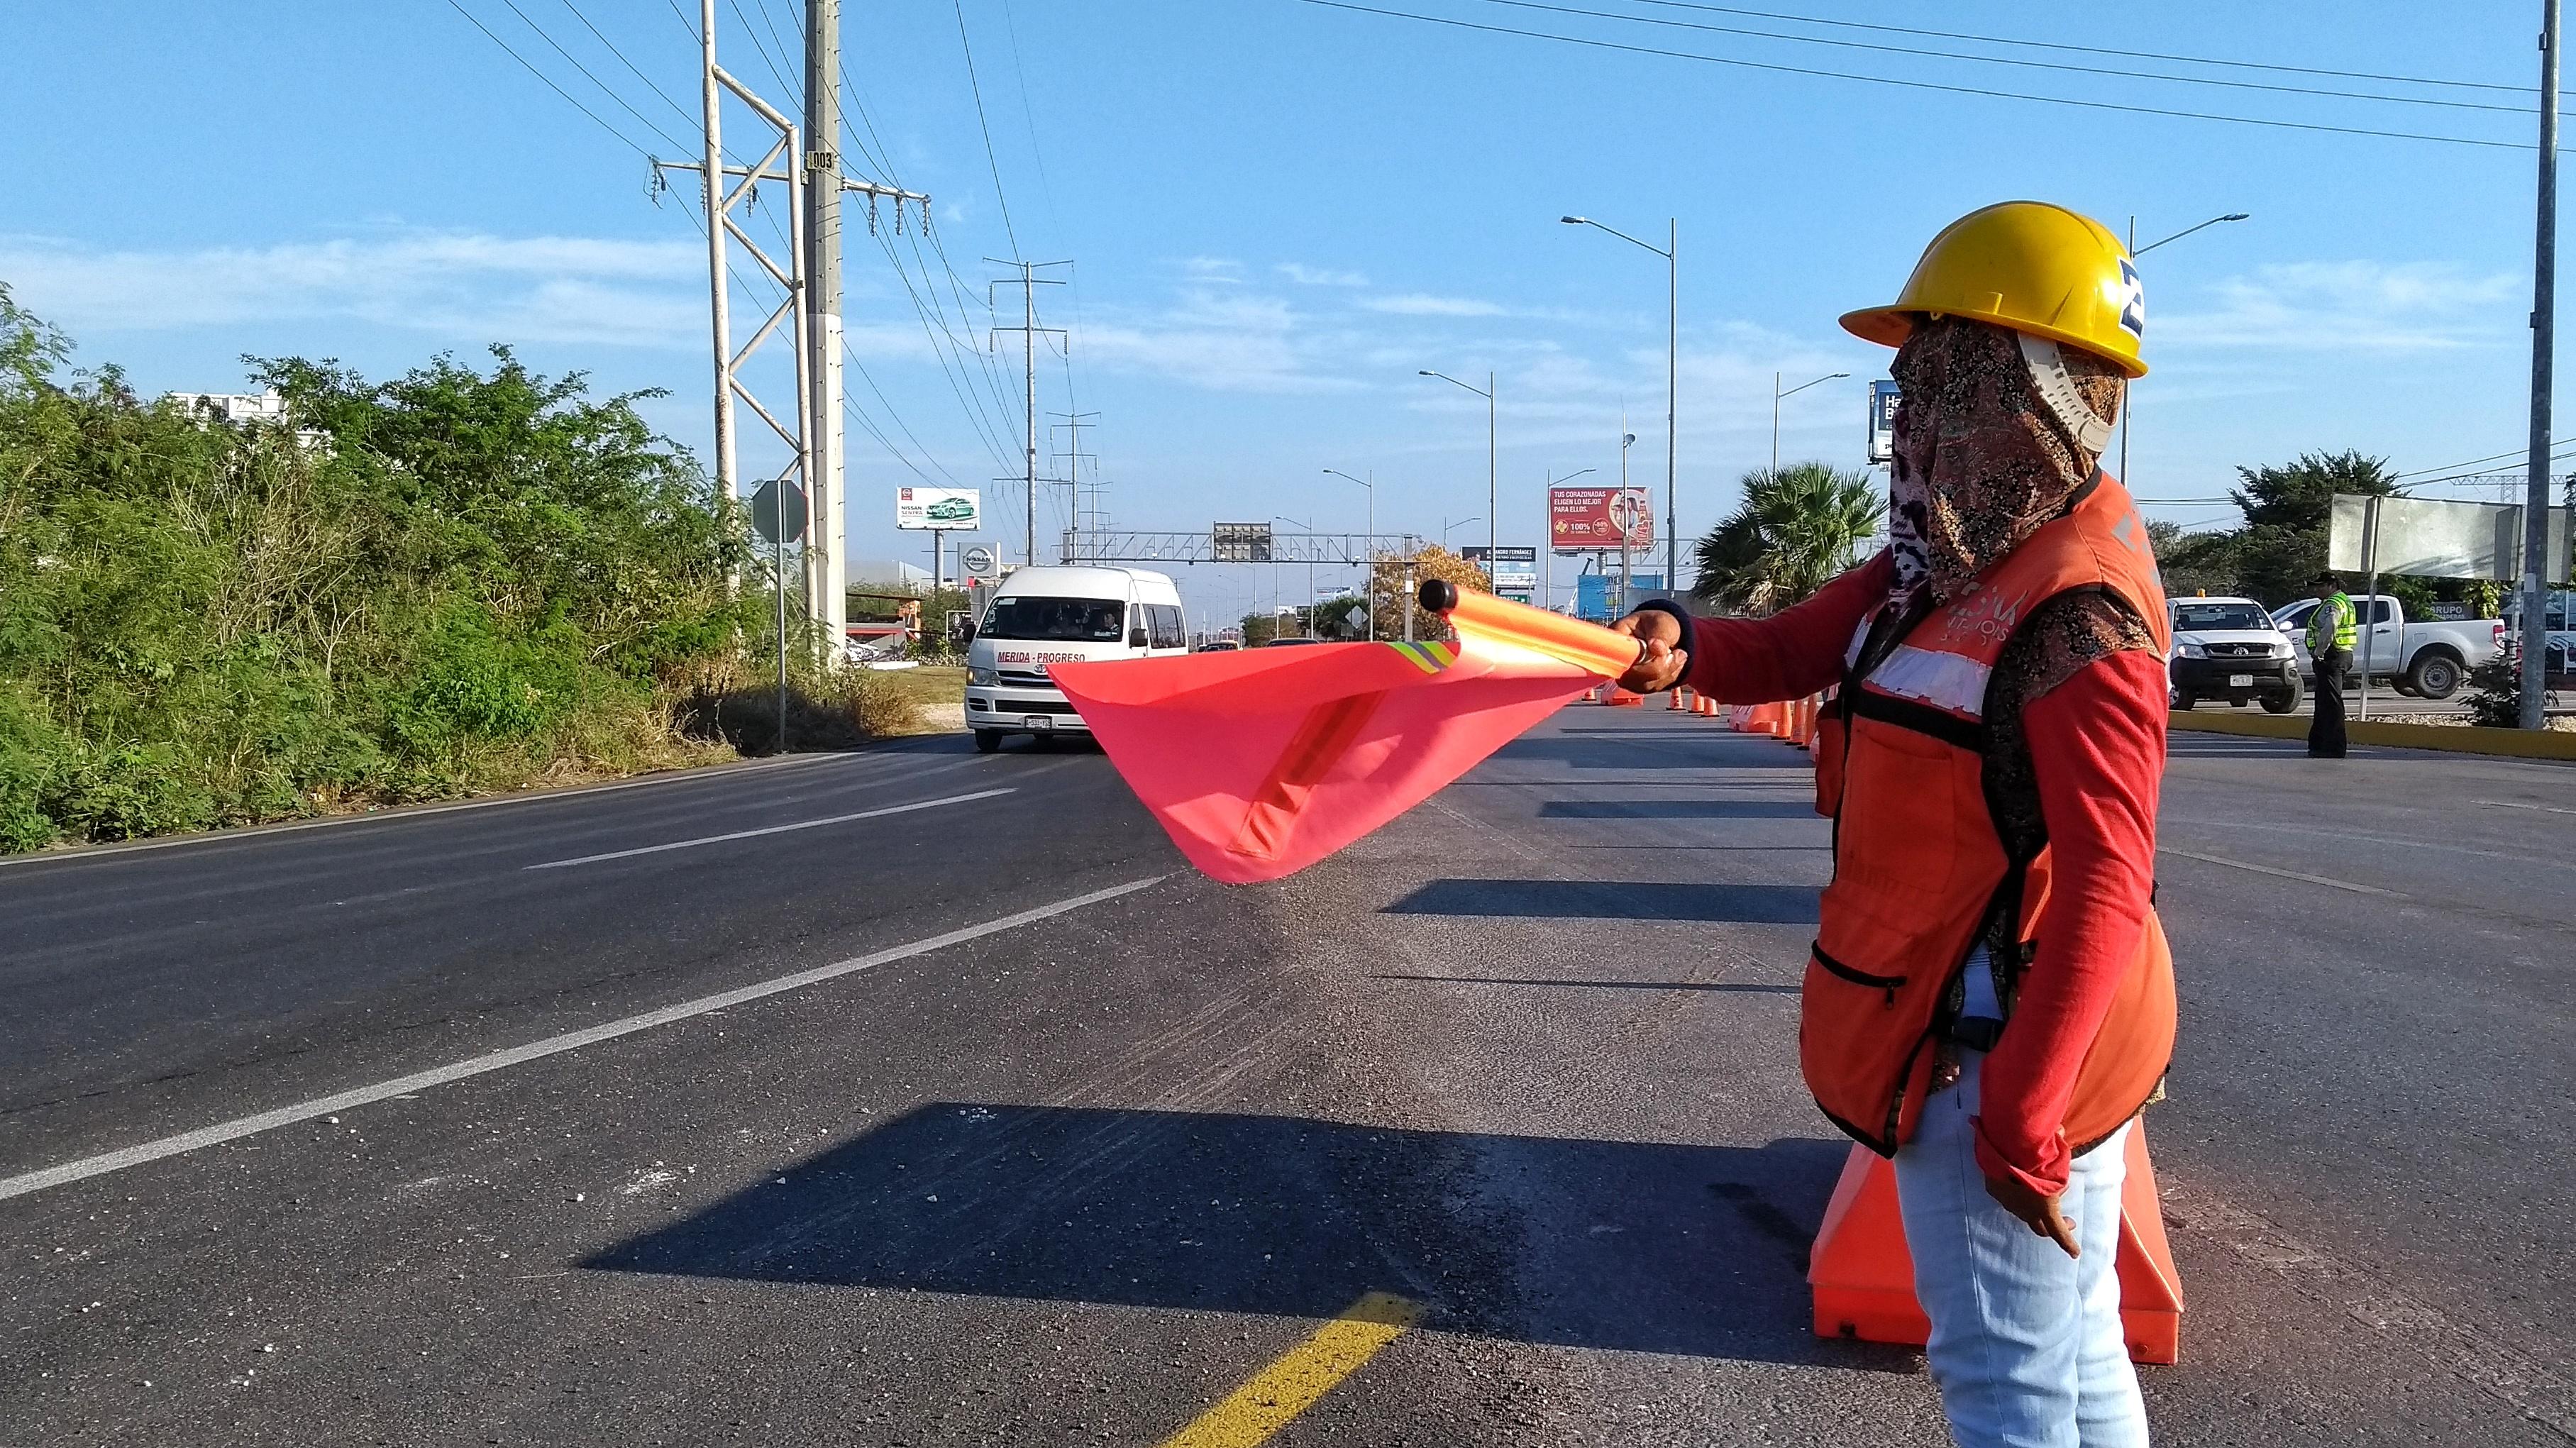 Cierran tránsito en todos los carriles del periférico del puente de salida a Progreso